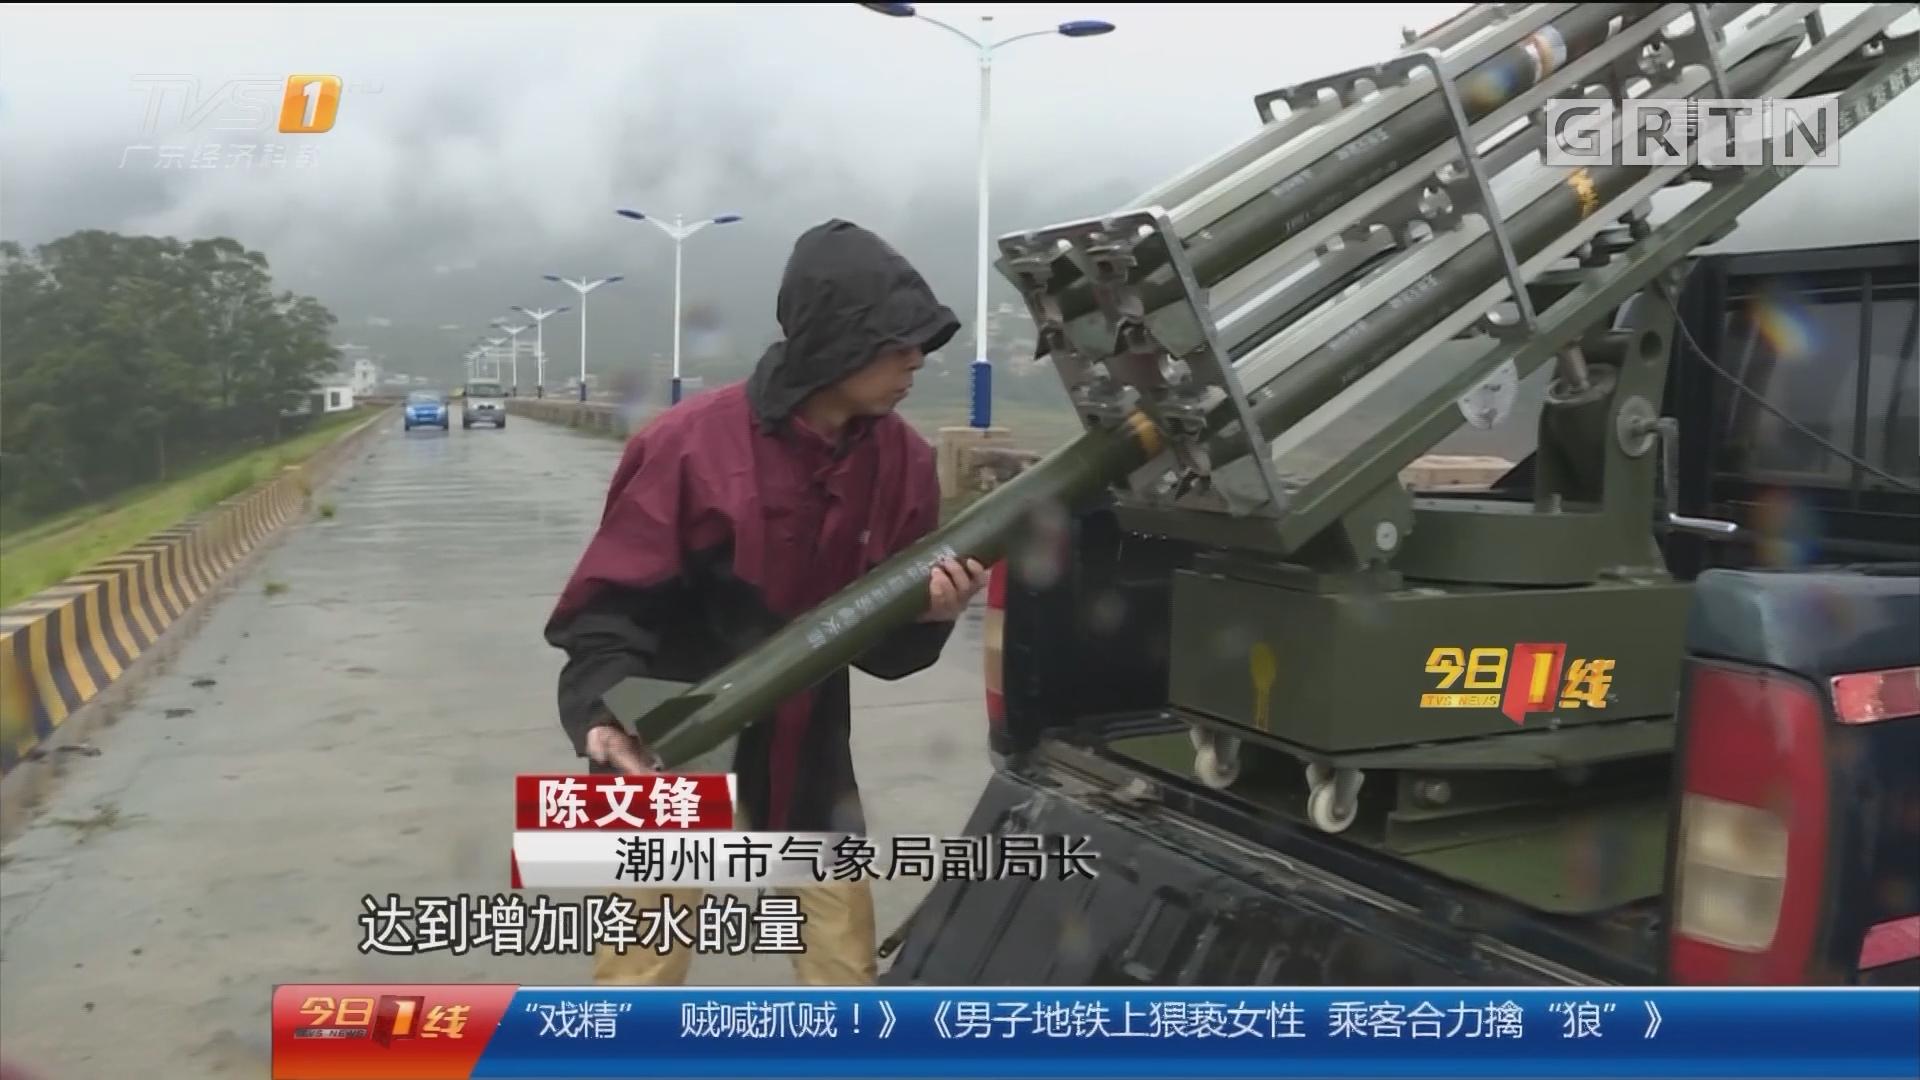 潮州抗旱:降雨抗旱 16枚火箭弹齐发场面震撼!